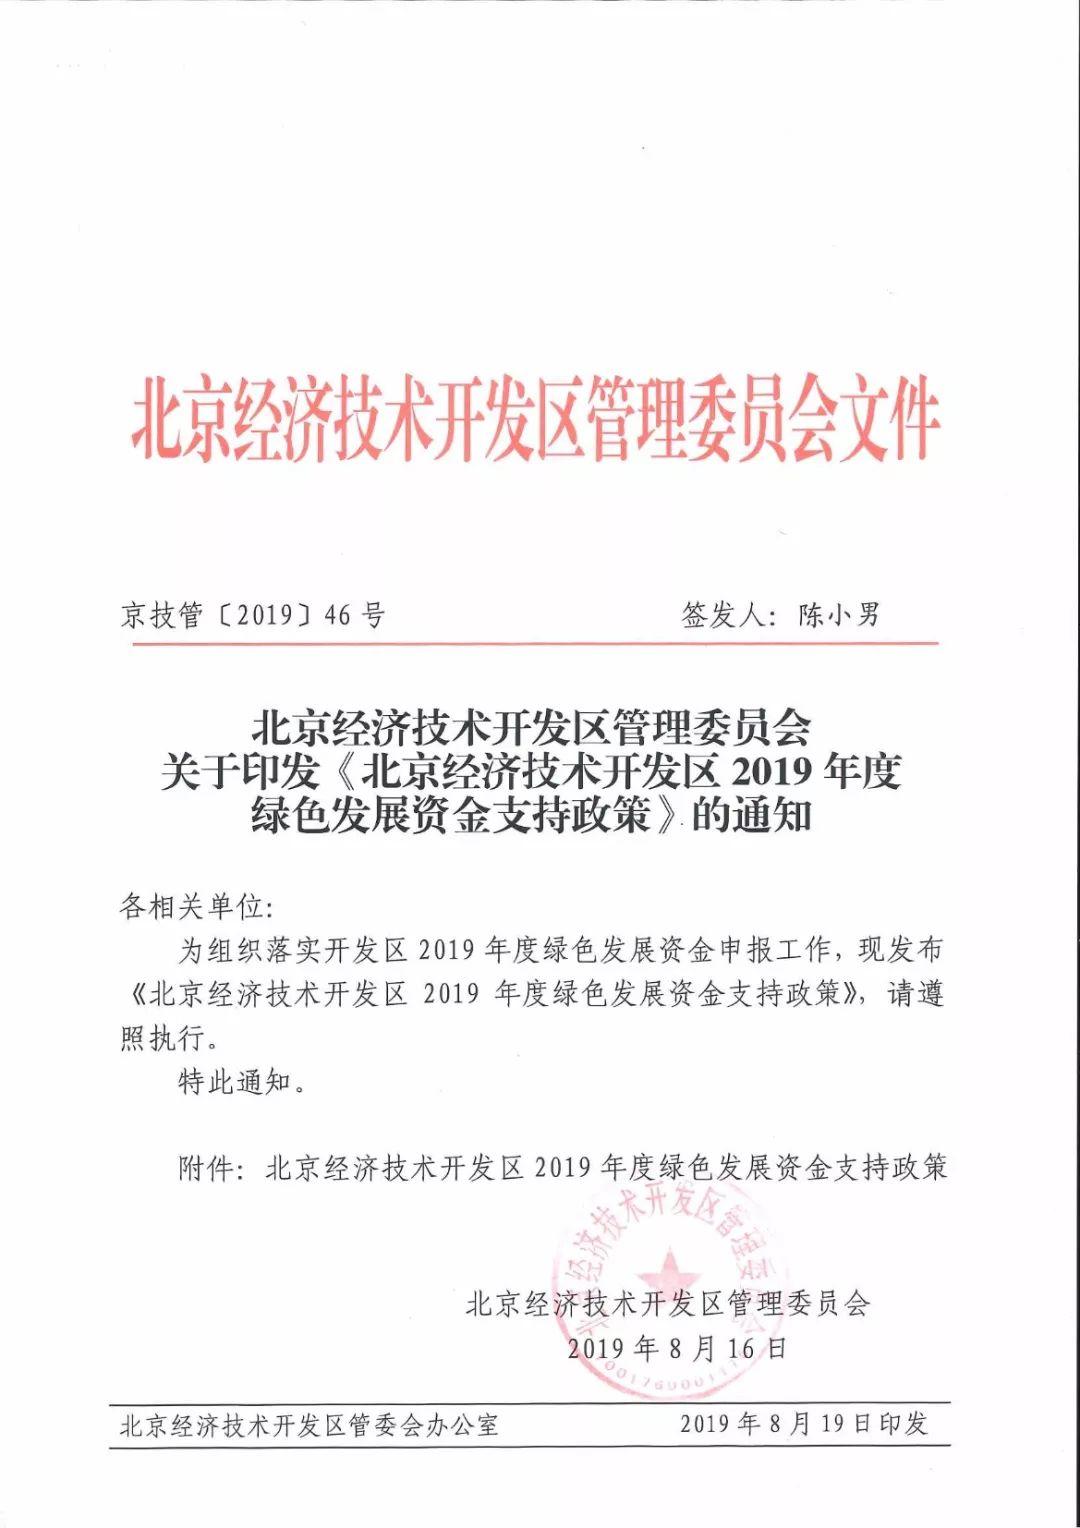 北京经济开发区针对被动房又出台奖励政策!